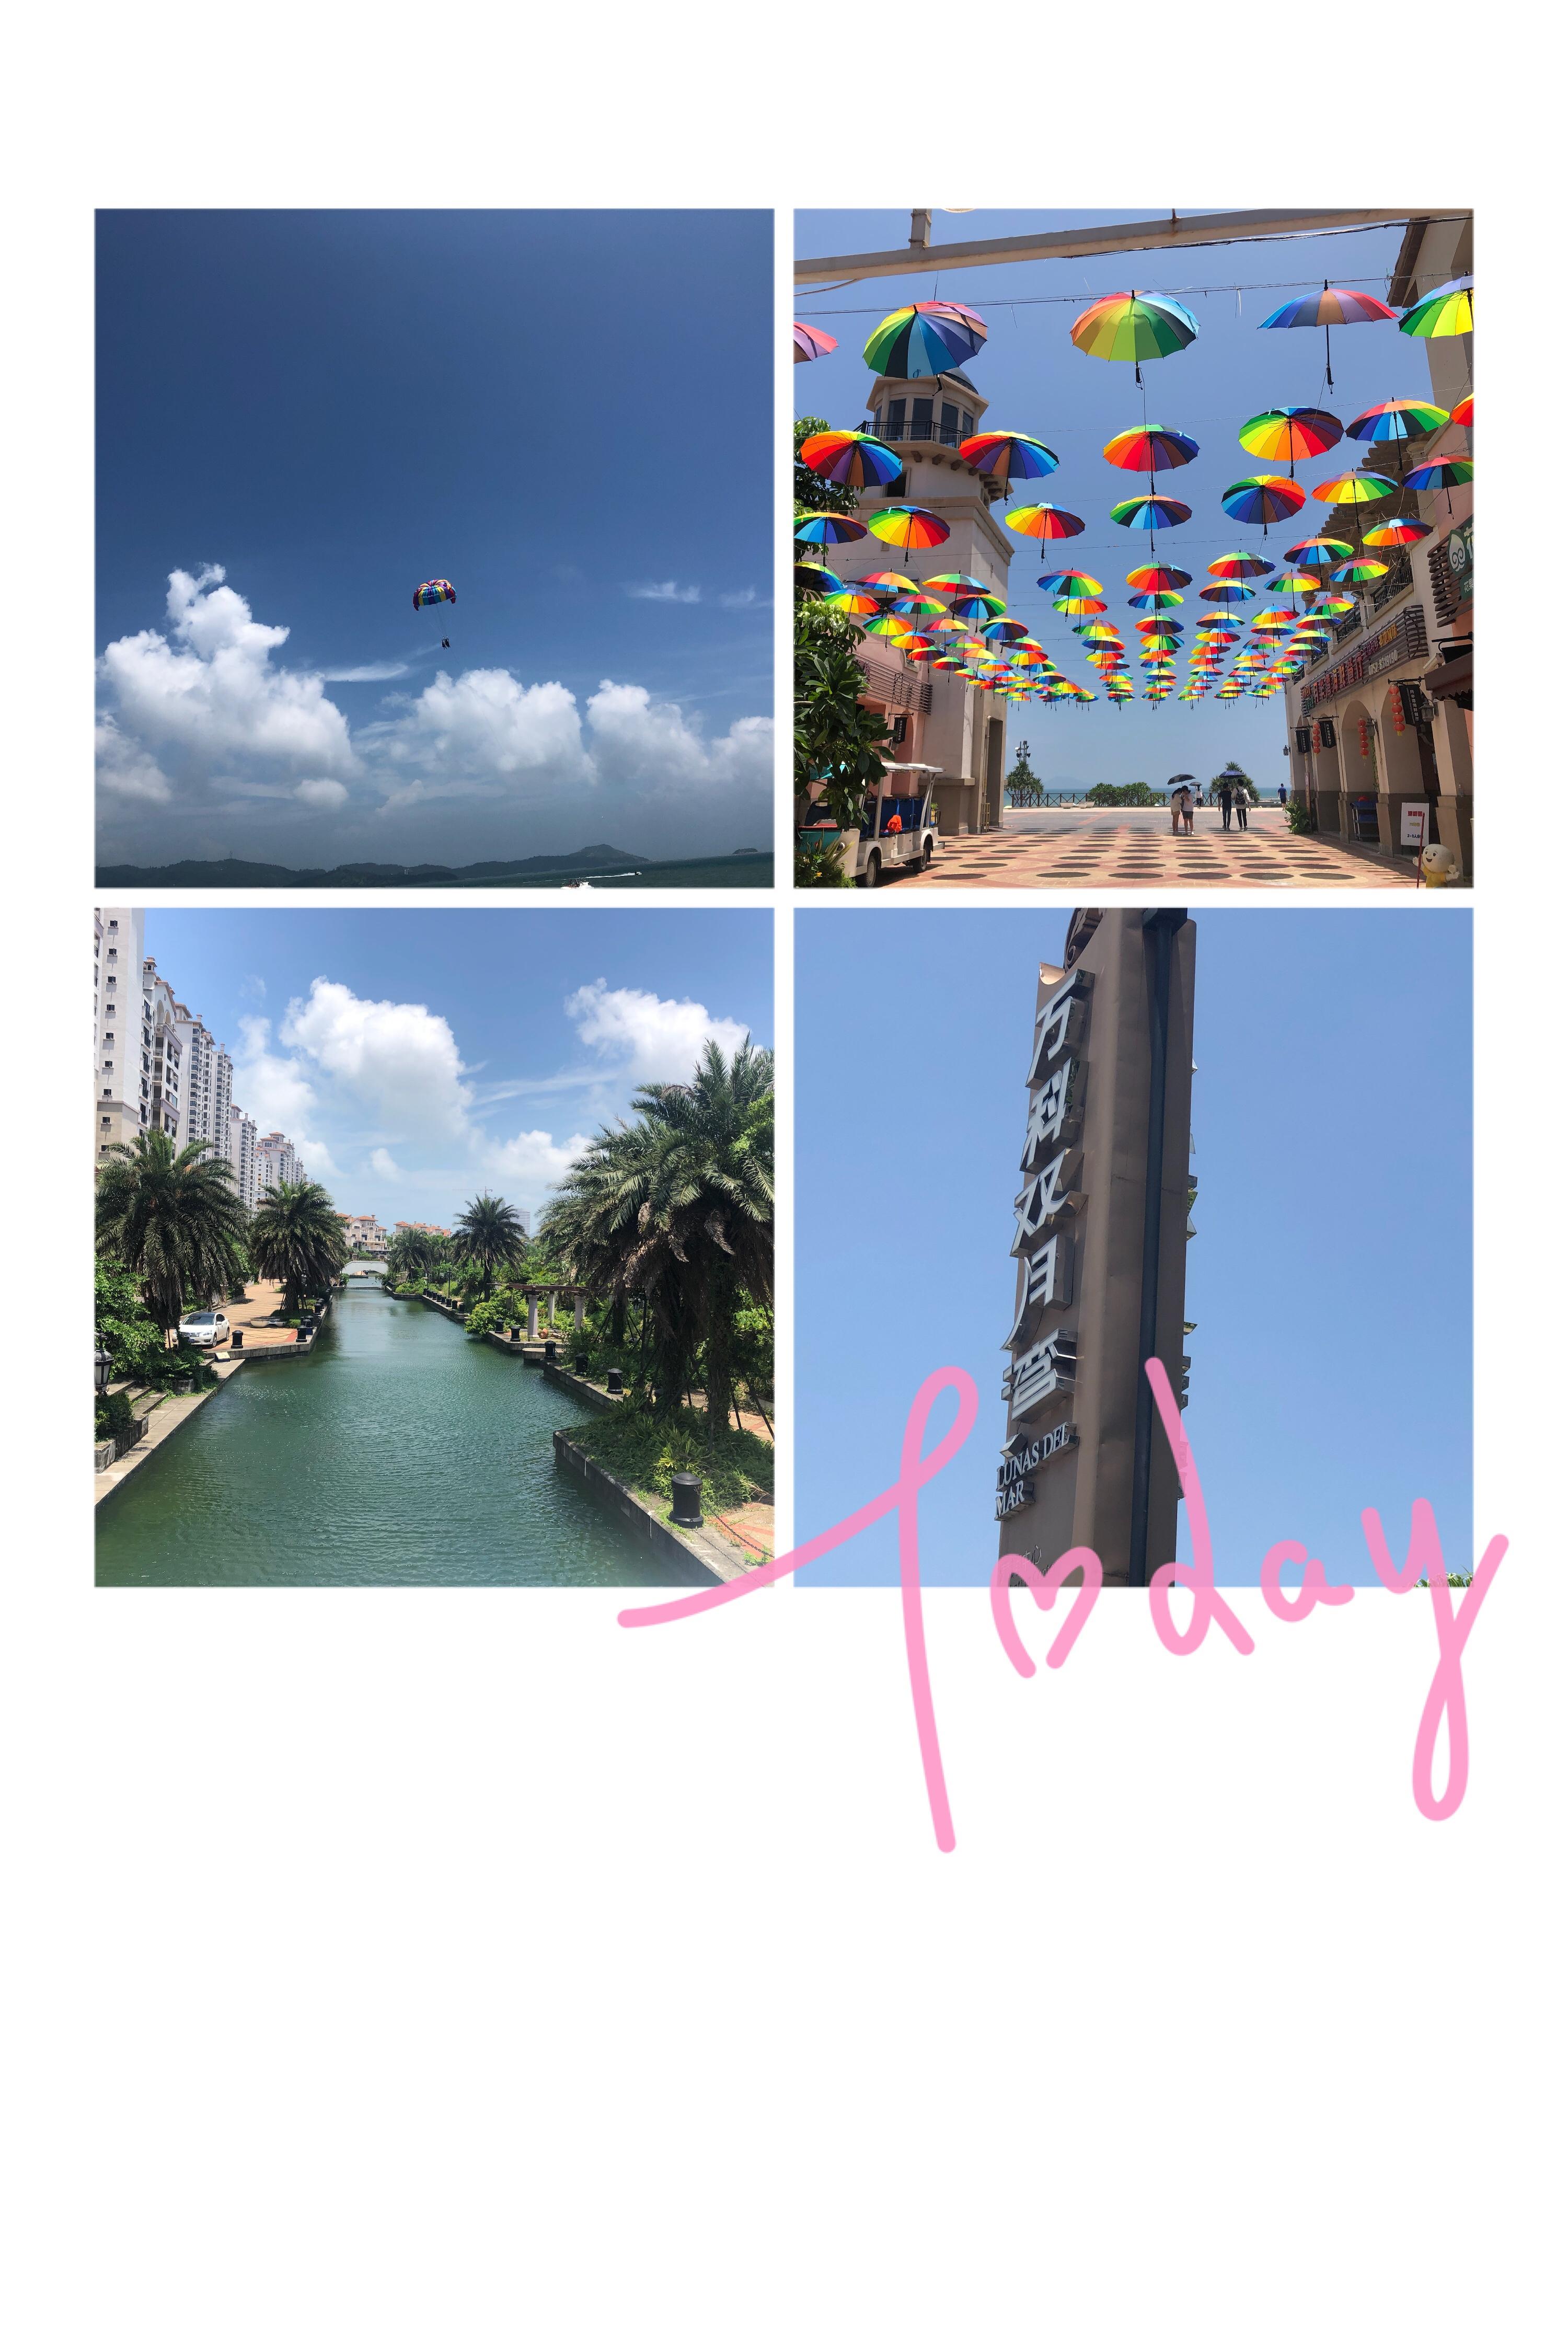 微信图片_20190716144438